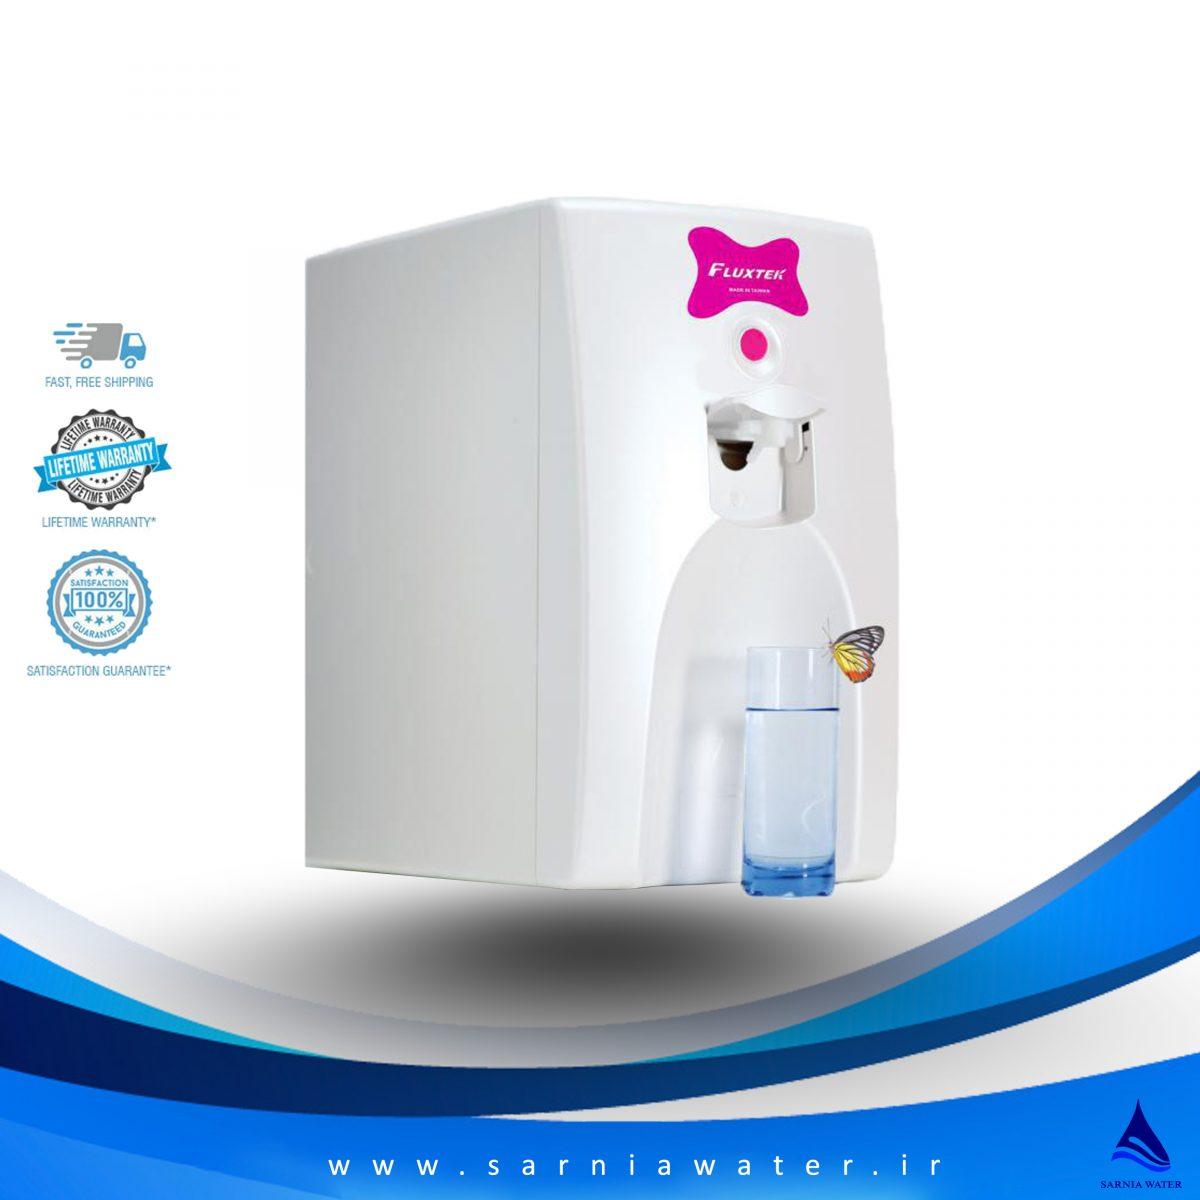 دستگاه تصفیه آب فلکس - دستگاه تصفیه آب - دستگاه تصفیه آب خانگی